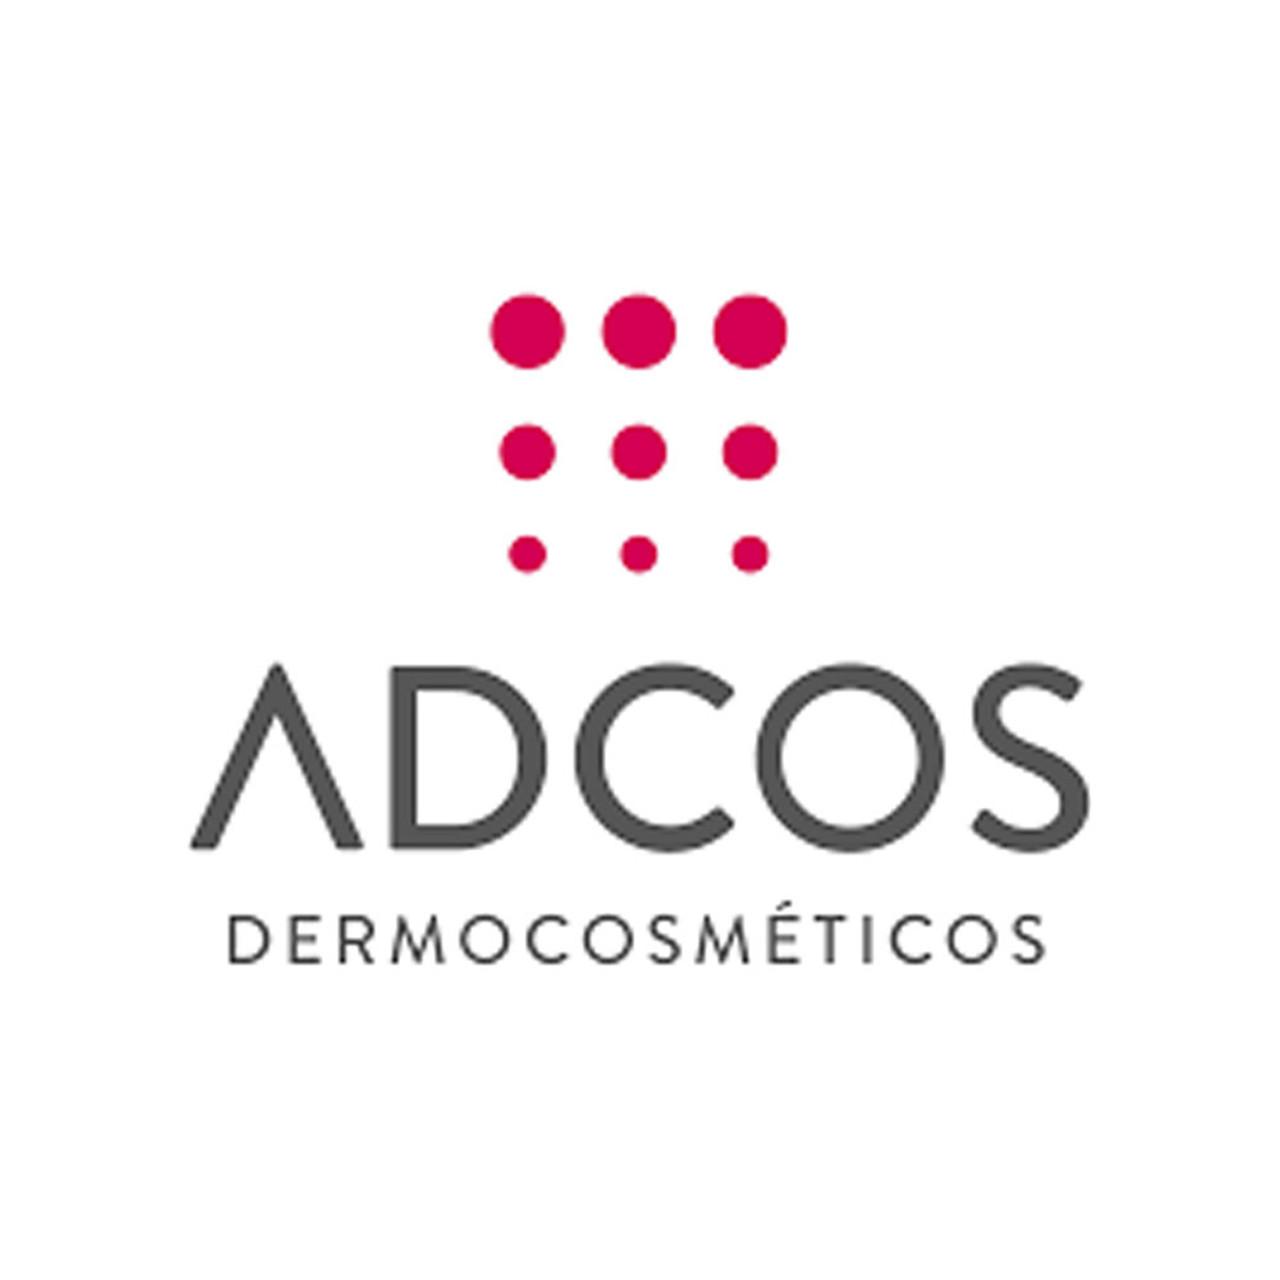 Adcos Dermocosméticos